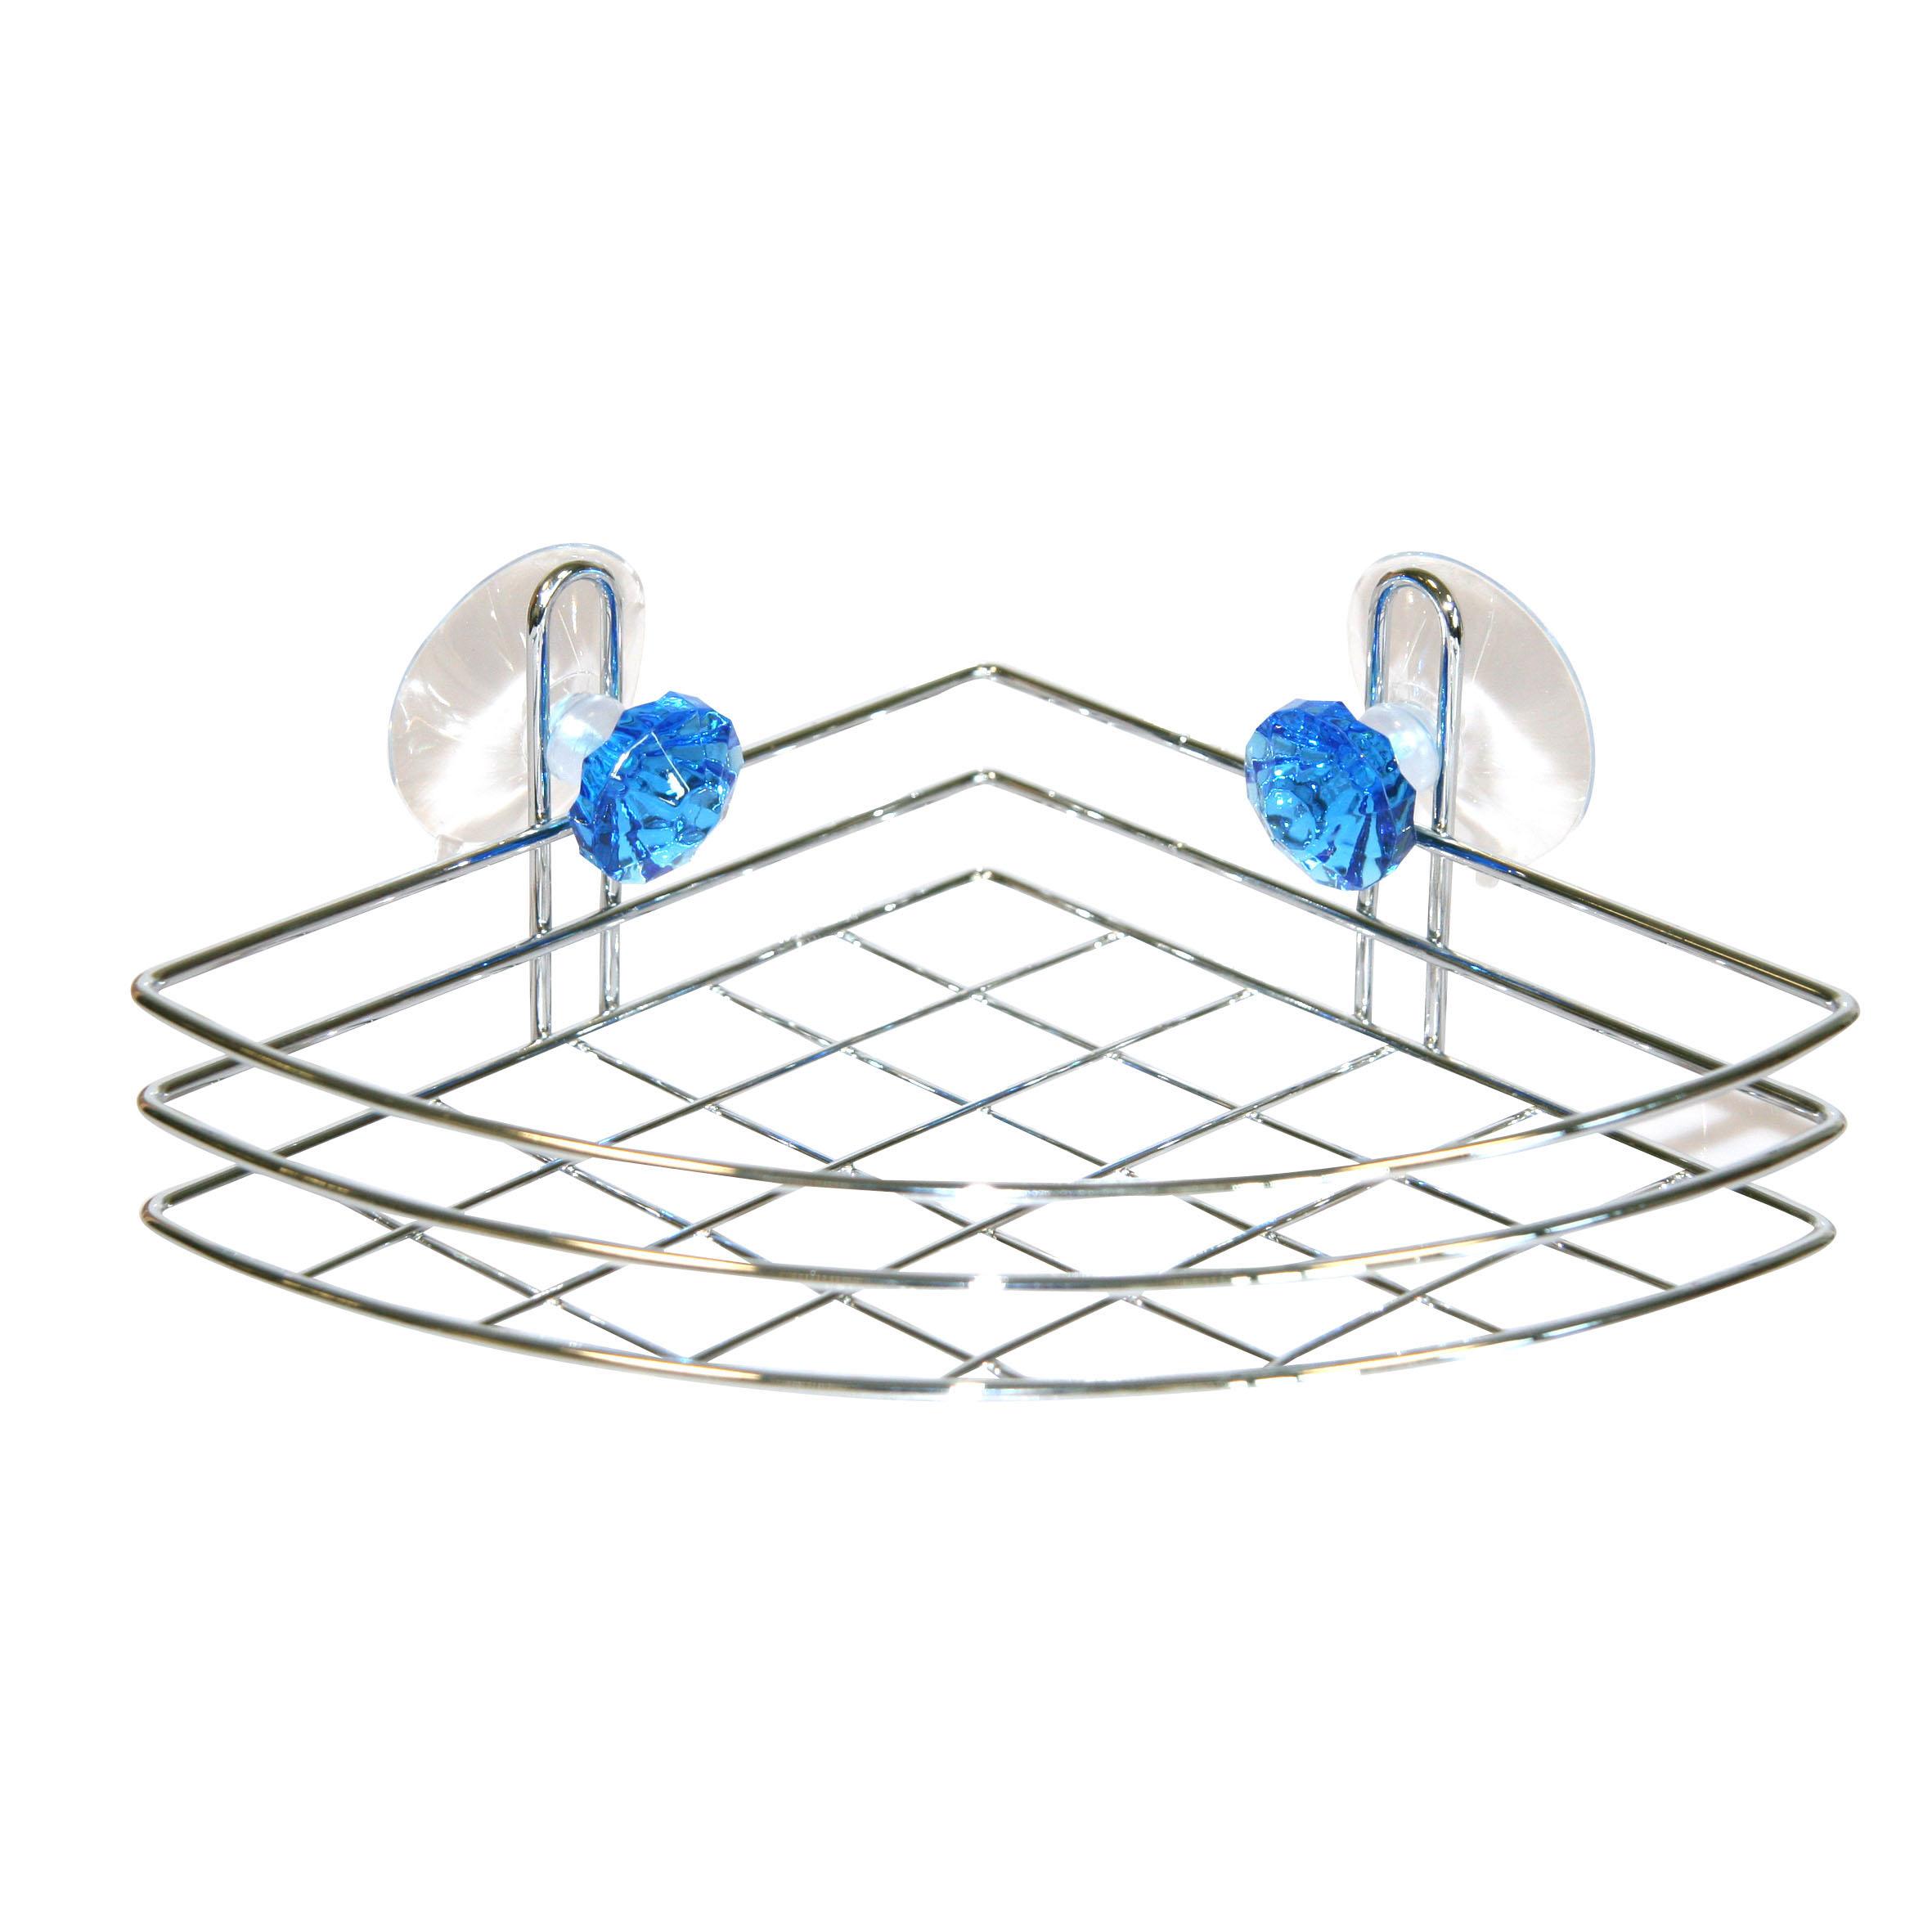 Полка для ванной Top Star Kristall, угловая, одноярусная, 18 х 18 х 6,5 см280883Трехъярусная полка для ванной Top Star Kristall изготовлена из стали с качественным хромированным покрытием, которое на долго защитит изделие от ржавчины в условиях высокой влажности в ванной комнате. Изделие имеет угловую конструкцию и крепится на присосках (входят в комплект). Классический дизайн и оптимальная вместимость подойдет для любого интерьера ванной комнаты или кухни.